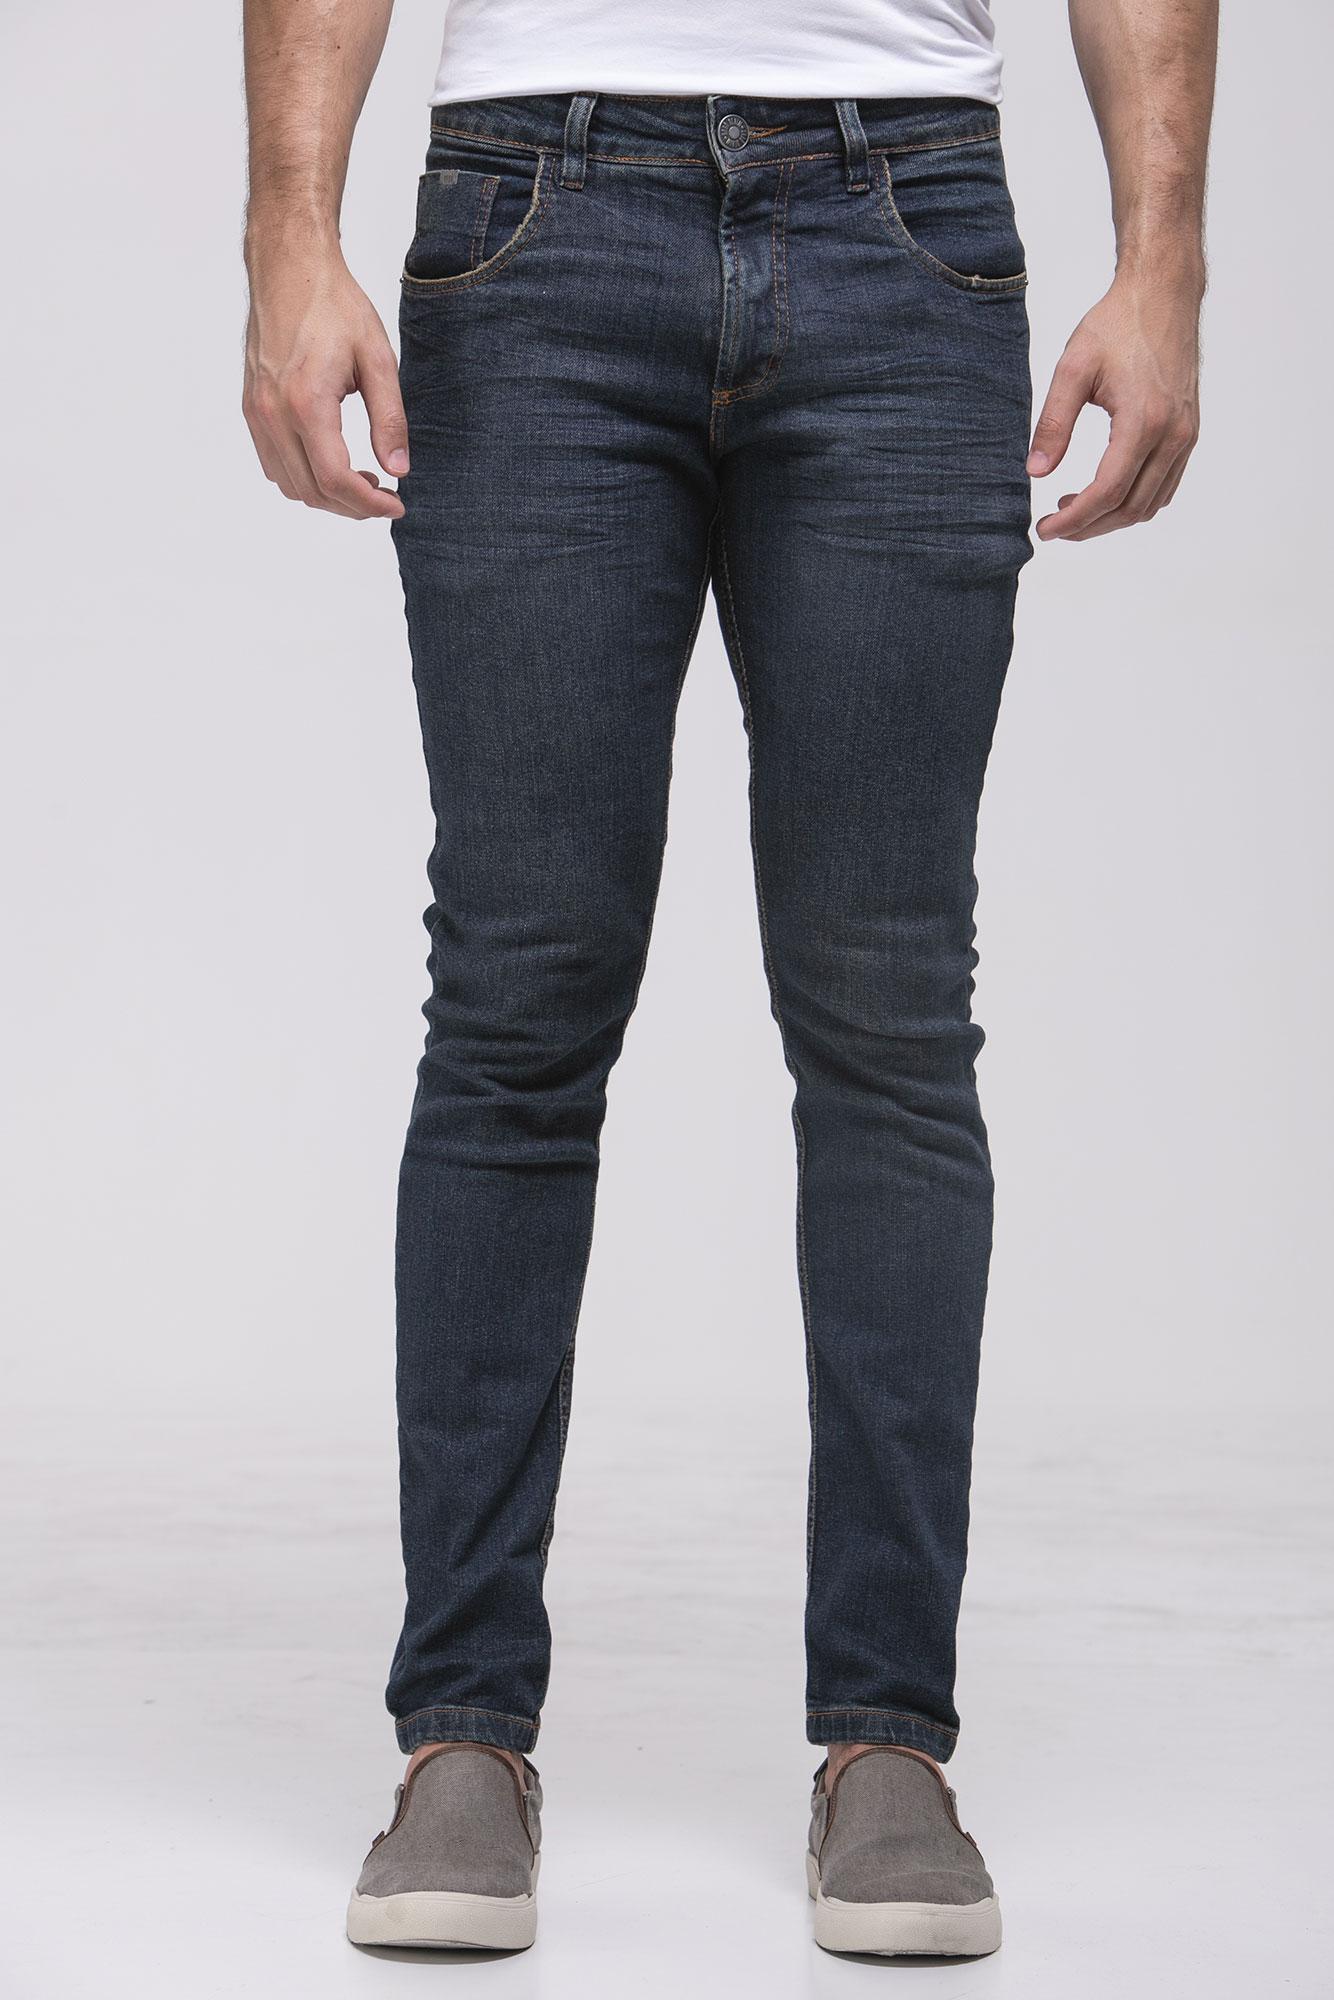 Calça Jeans Skinny Dirty Wash